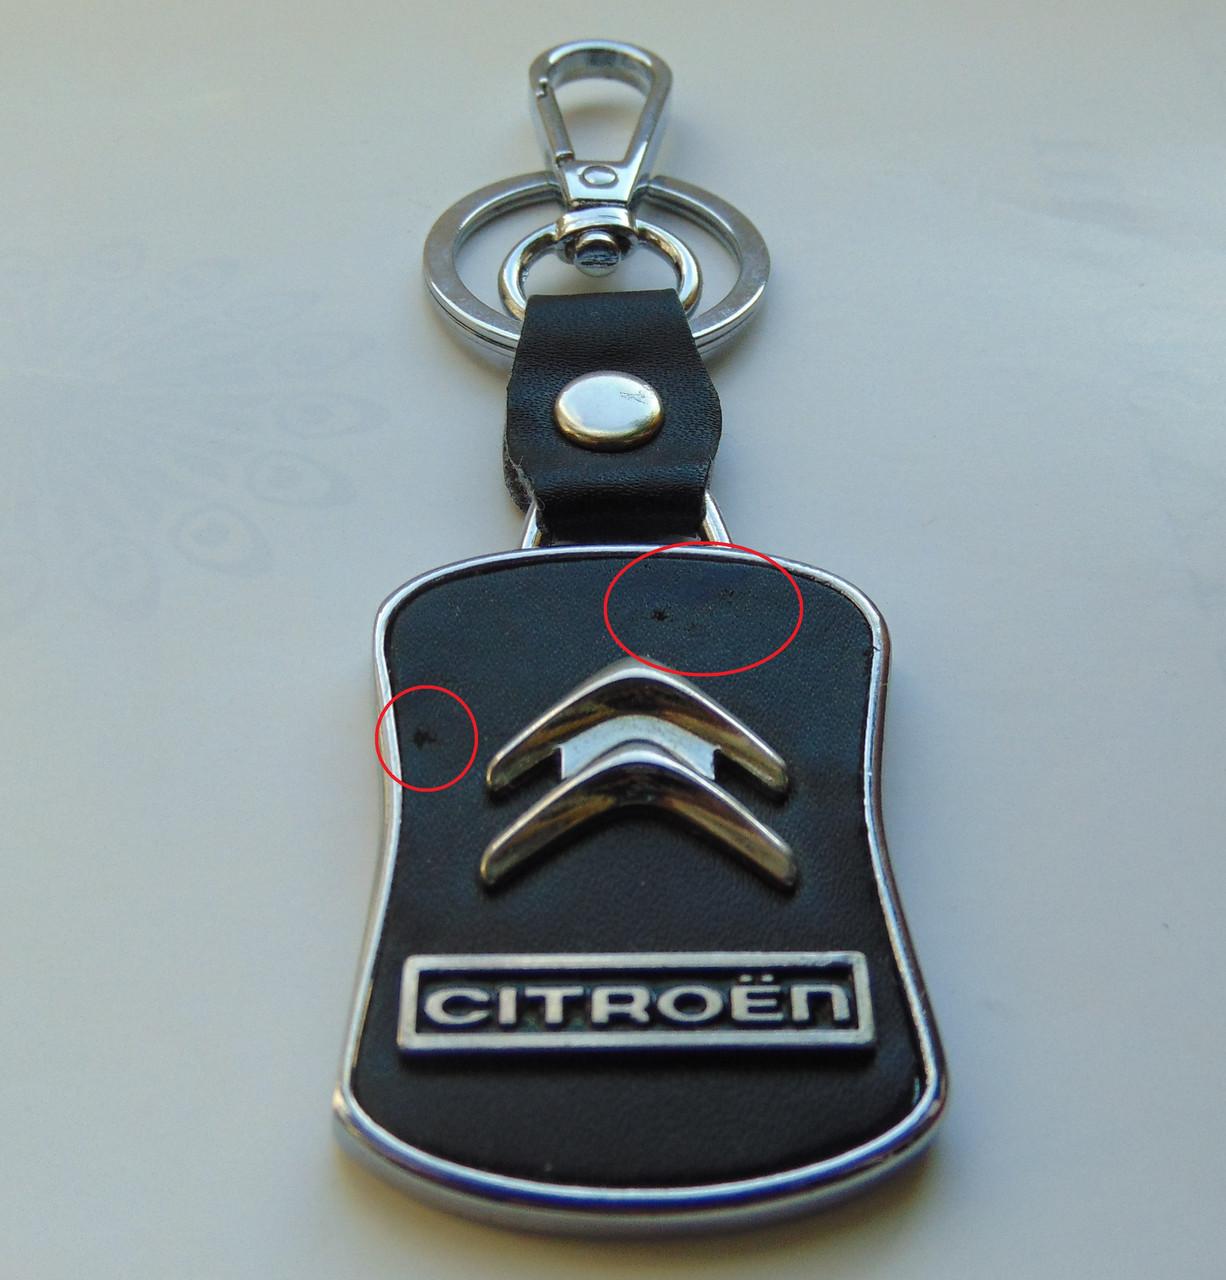 Уценка! Автомобильный брелок Citroën (Ситроэн)